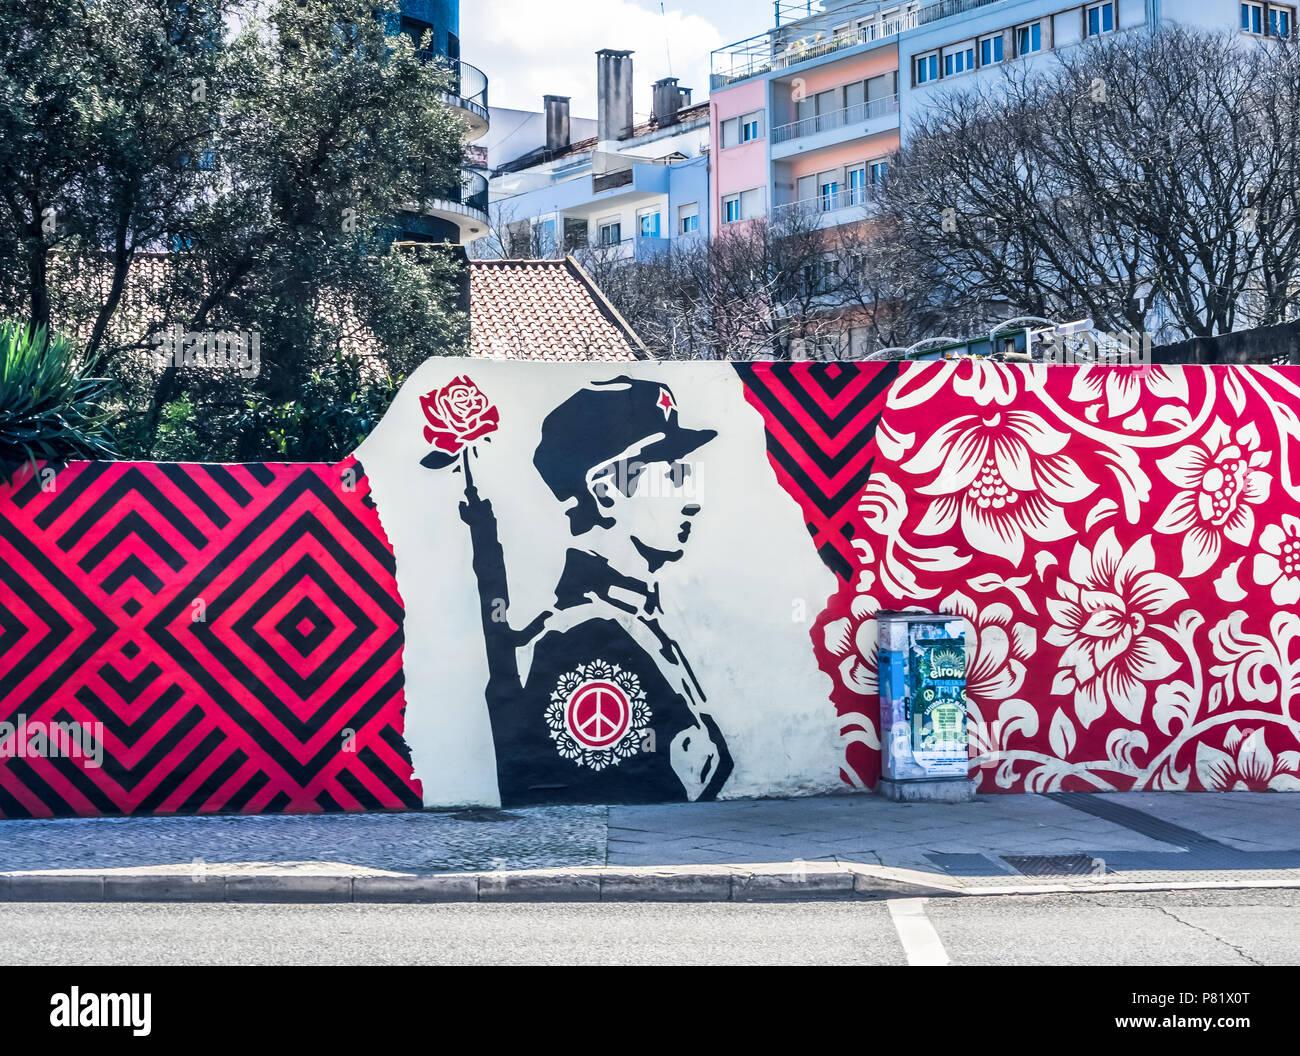 Lissabon, Portugal, Wandgemälde der portugiesischen Nelkenrevolution von 1974 zu gedenken. Stockbild